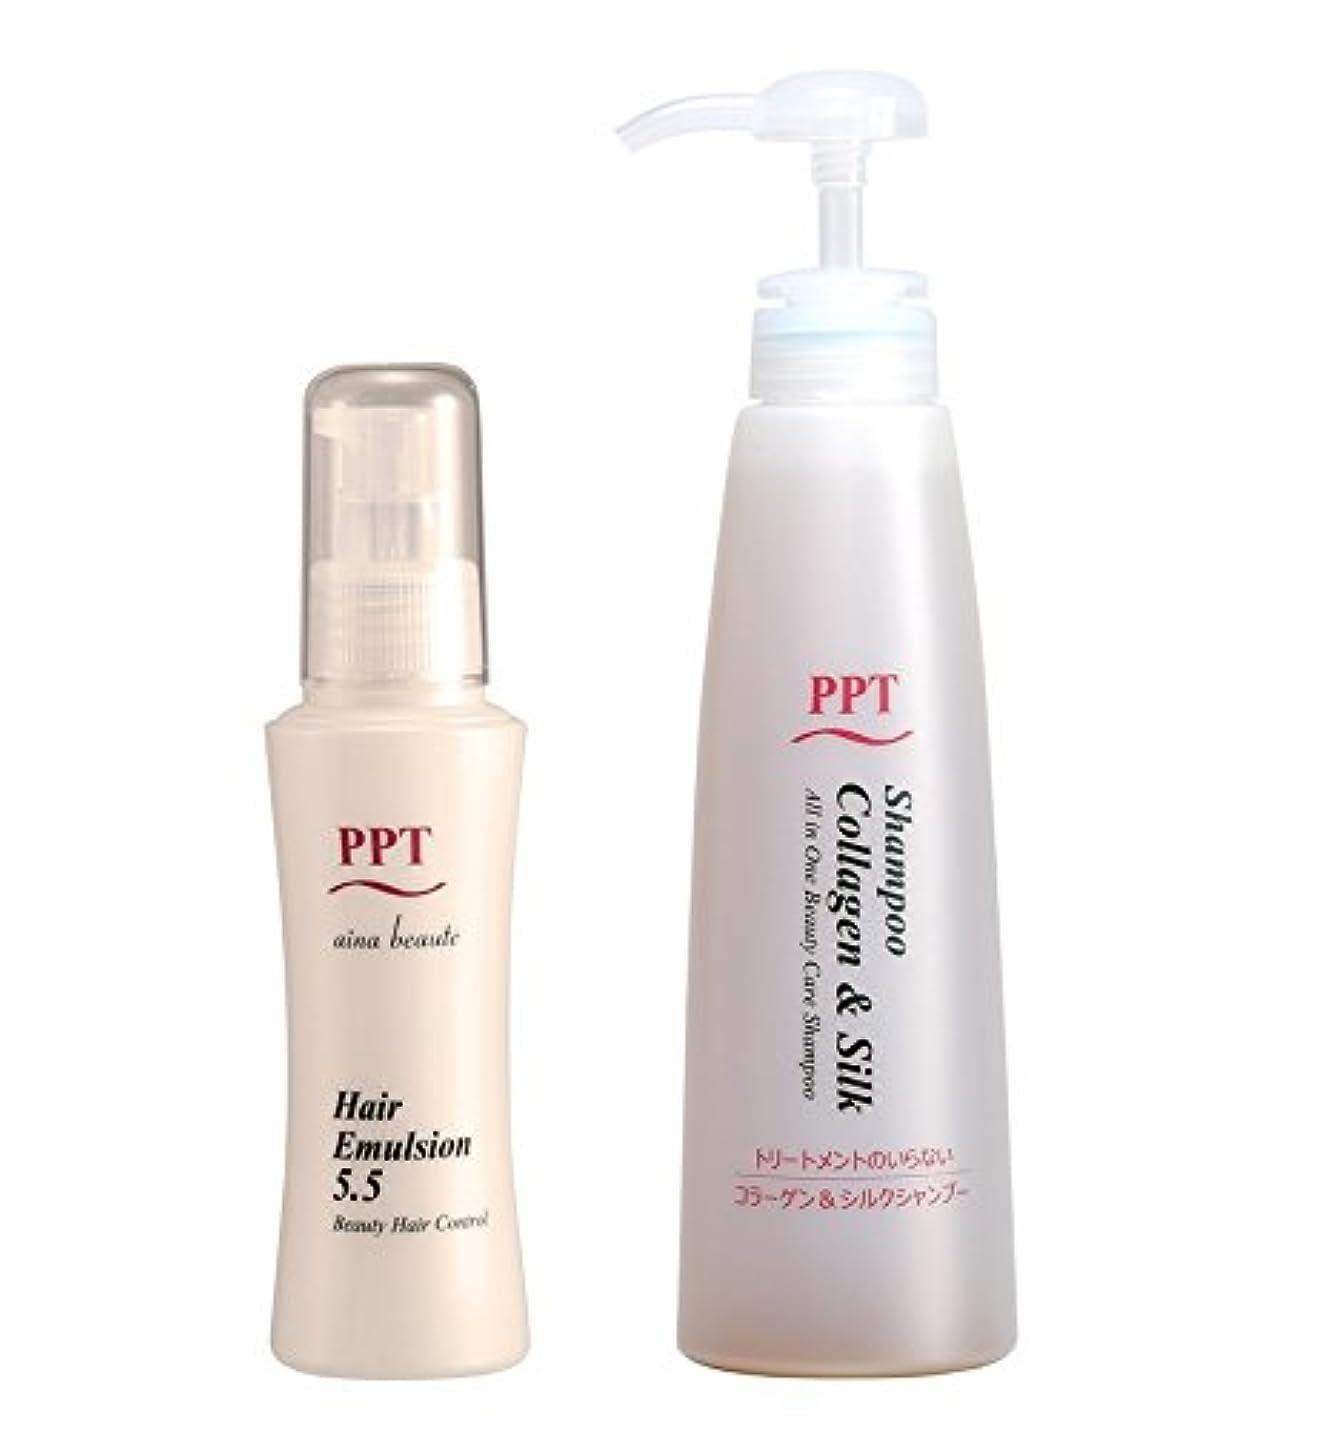 相対サイズ鑑定確立トリートメント不要 PPTコラーゲン&シルクシャンプー乾燥肌~普通肌用(しっとり),PPTヘアエマルジョン5.5セット